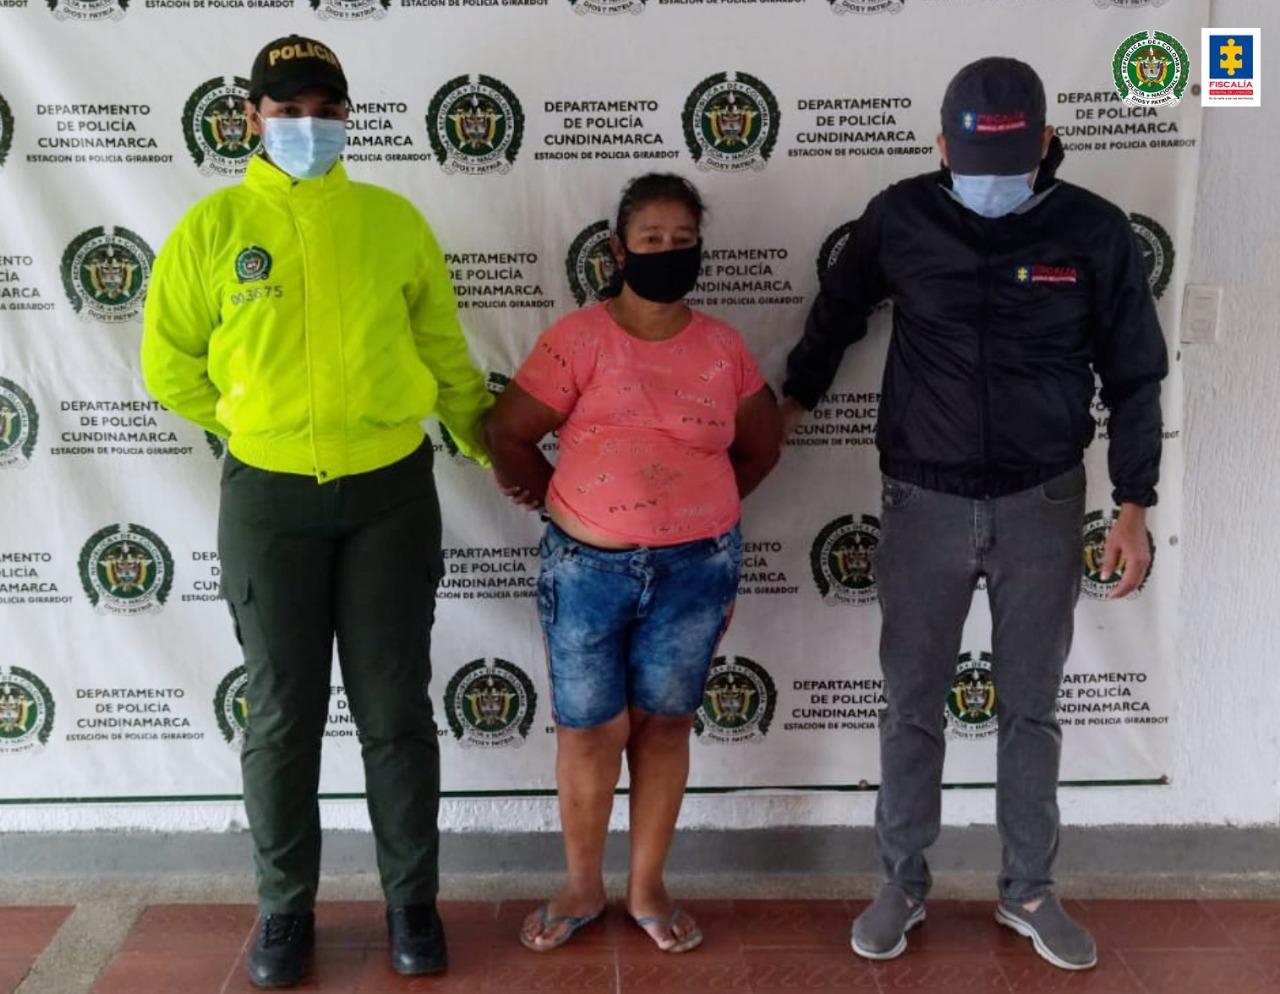 CTI Cundinamarca capturó una mujer que violó media de aseguramiento domiciliaria - Noticias de Colombia